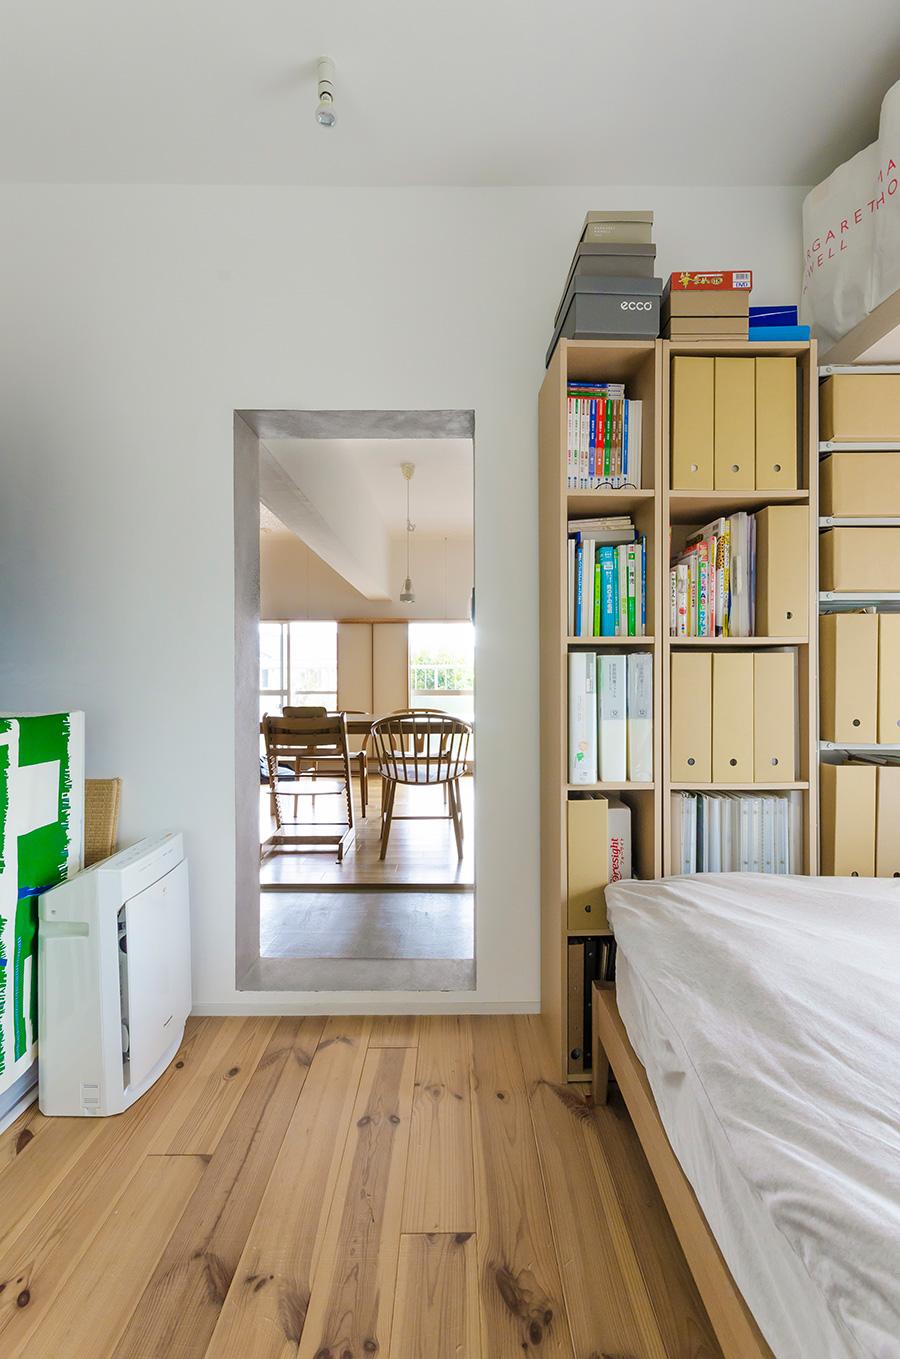 寝室の床は無垢にこだわりつつパイン材でコストを削減。扉は設けず、仕切りが必要な時はカーテンをやや内側にかけて視覚的な広さを確保。